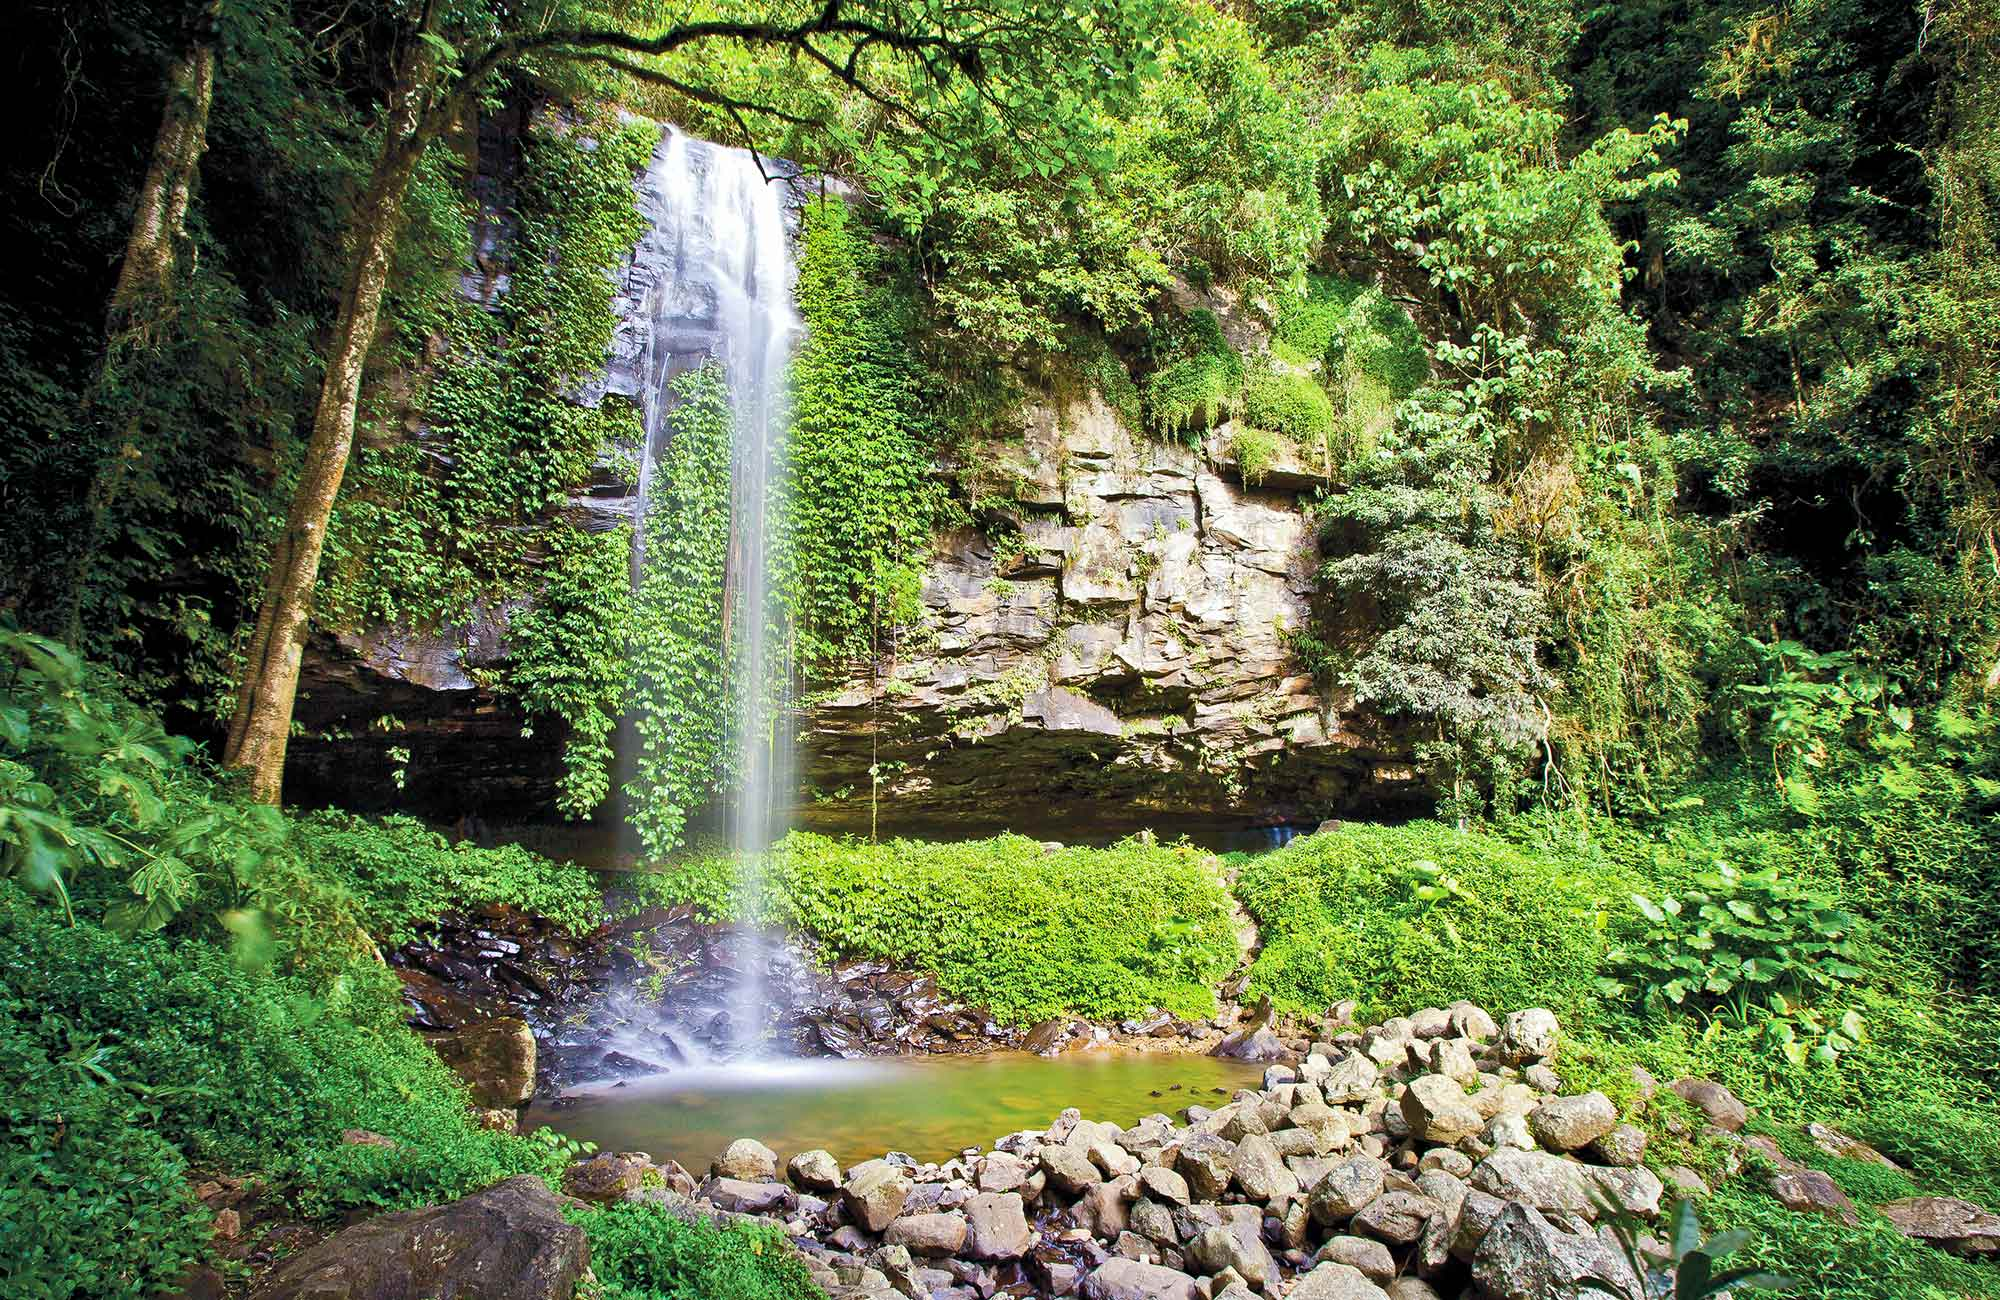 Chrystal Shower Fall im Dorrigo Nationalpark New South Wales Australien